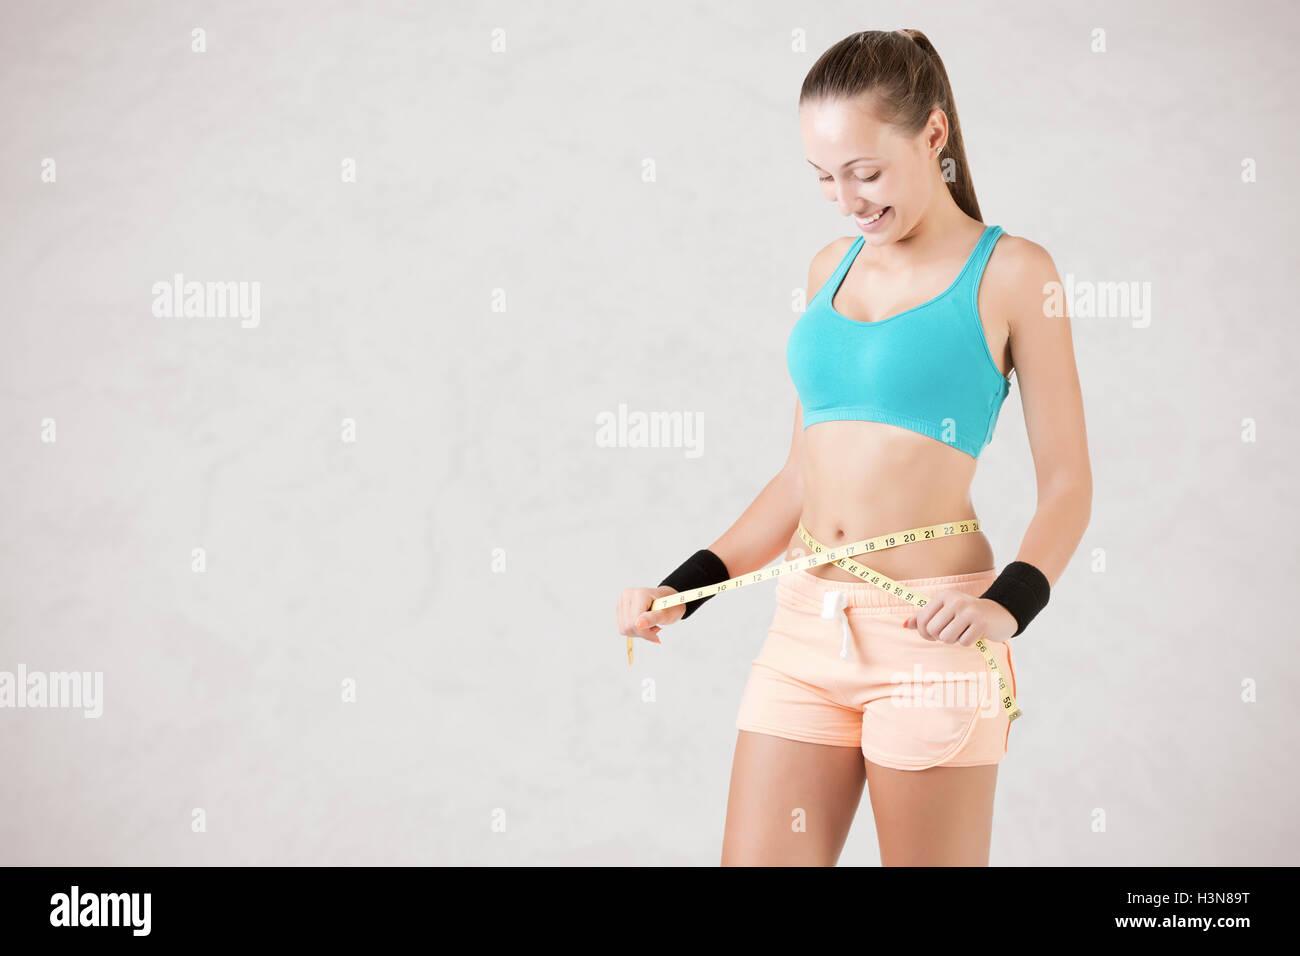 Donna misurando la sua vita con un giallo nastro di misurazione, isolato in bianco Immagini Stock